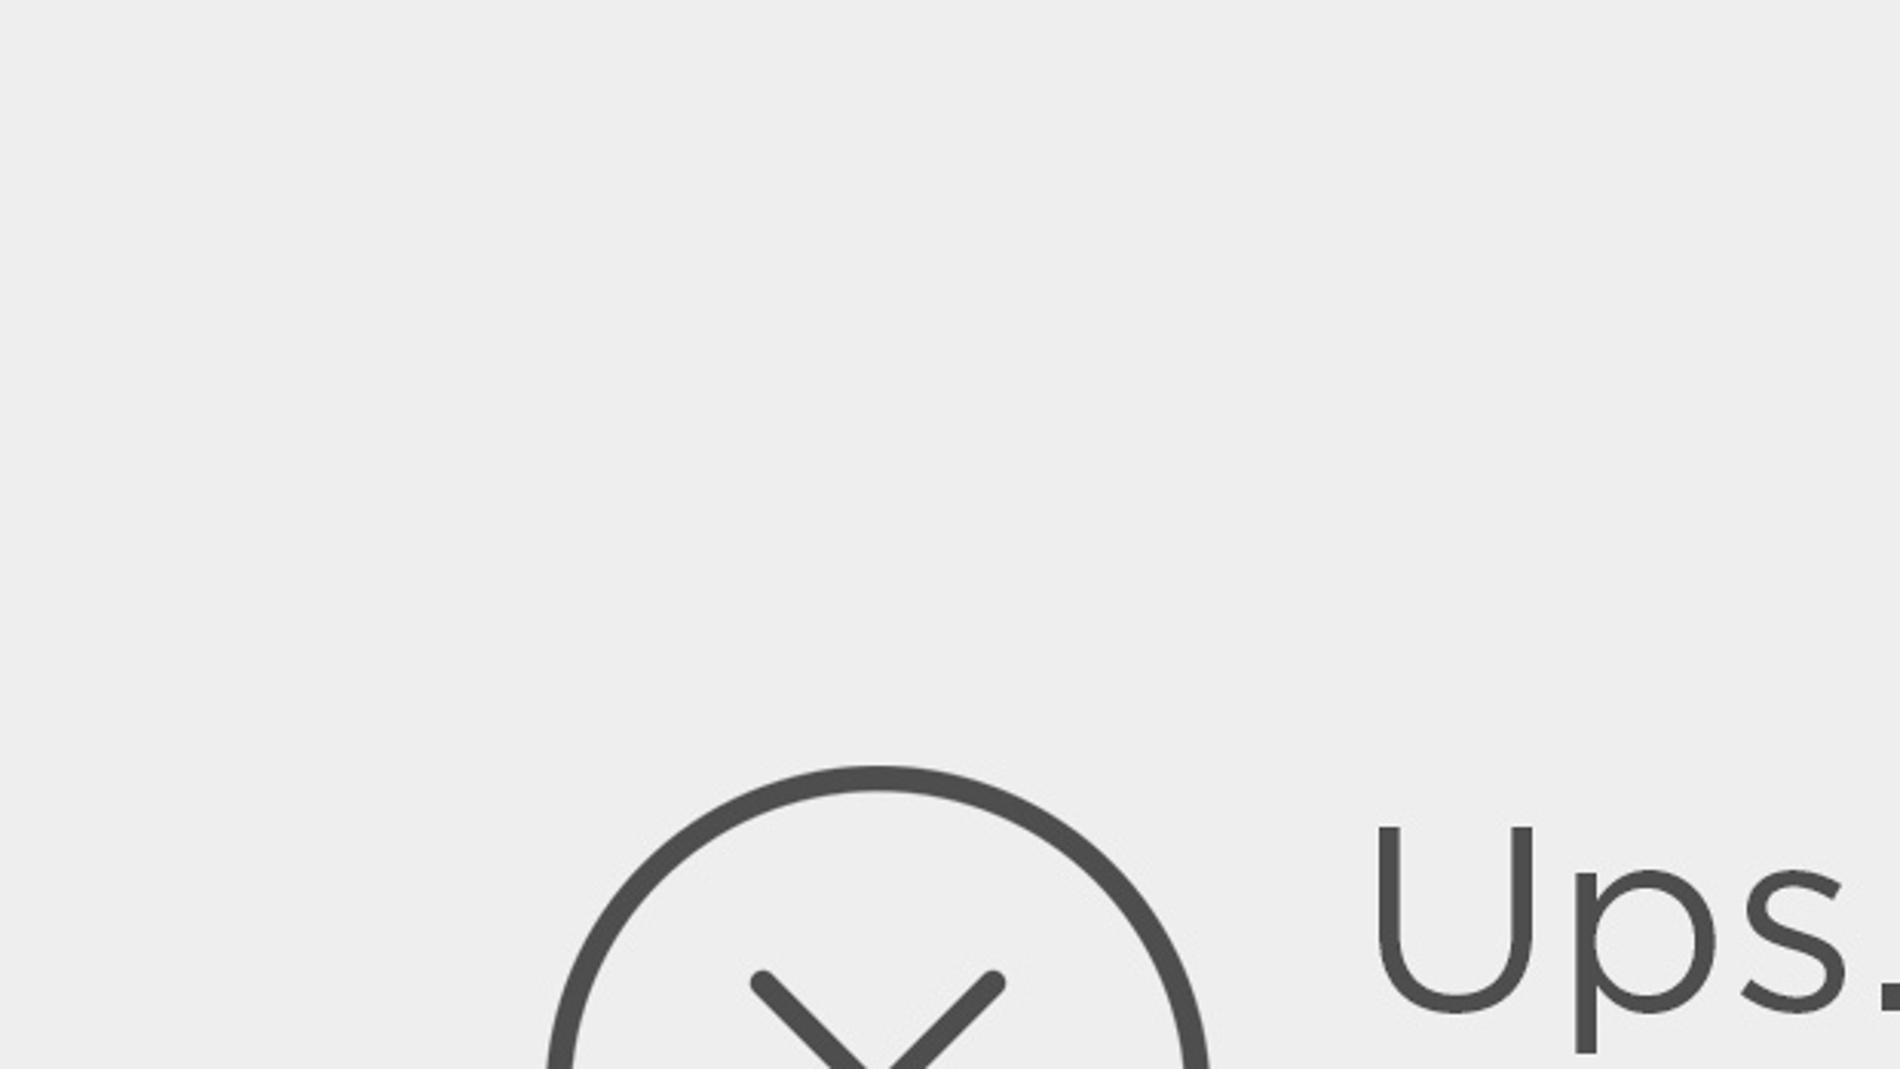 Seth Rogen cobra 8,4 millones de dólares. El actor de 'The Interview' ronda los 6,8 millones de euros por proyecto.